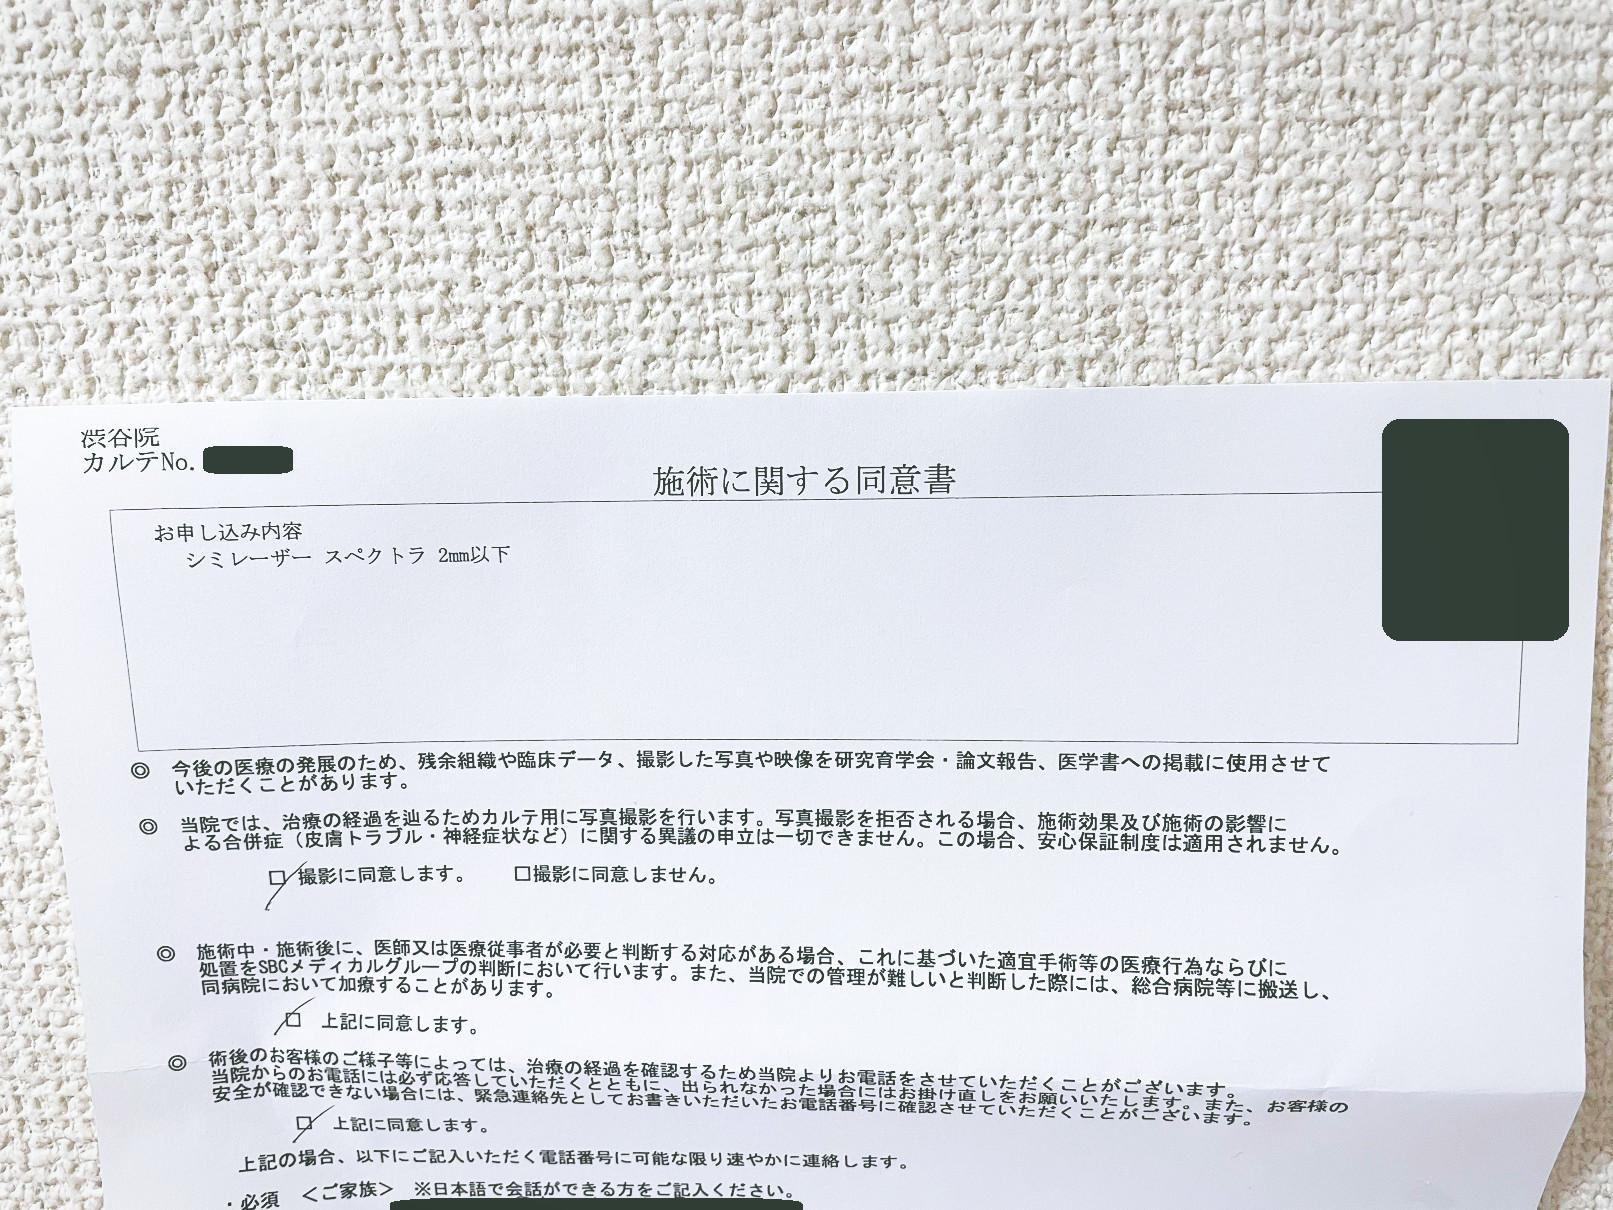 湘南美容クリニック渋谷院シミ取り体験談口コミ